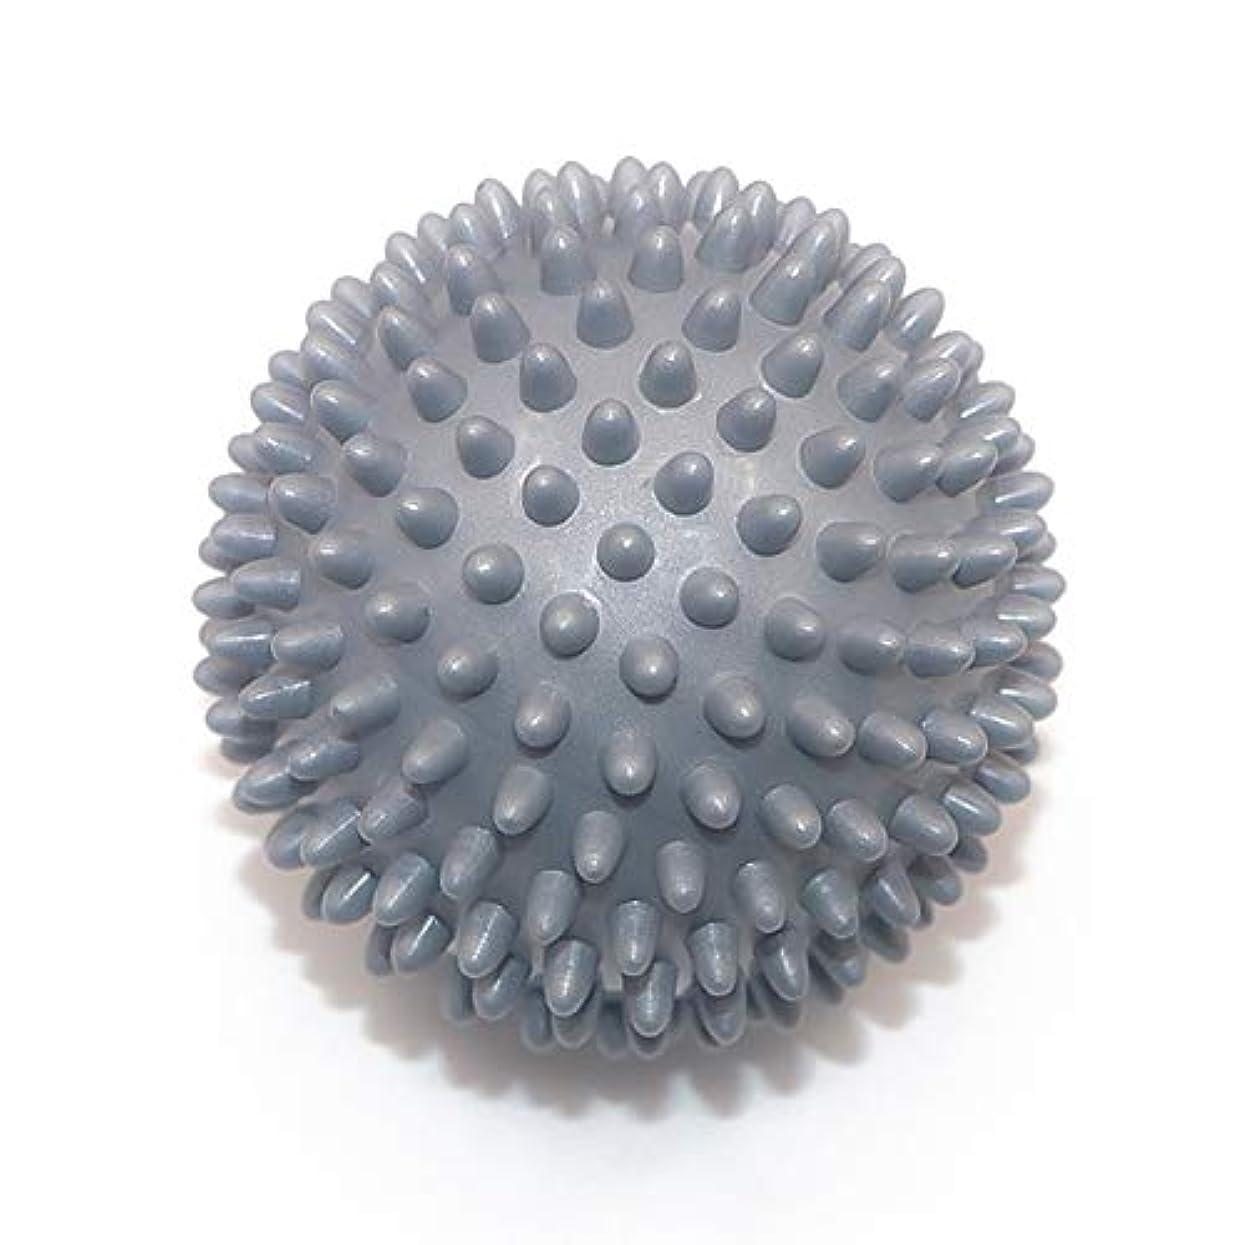 性差別活性化する縮約Liti マッサージボール リハビリ 触覚ボール リフレクションボール 筋膜リリース リハビリ マッサージ用 グレー